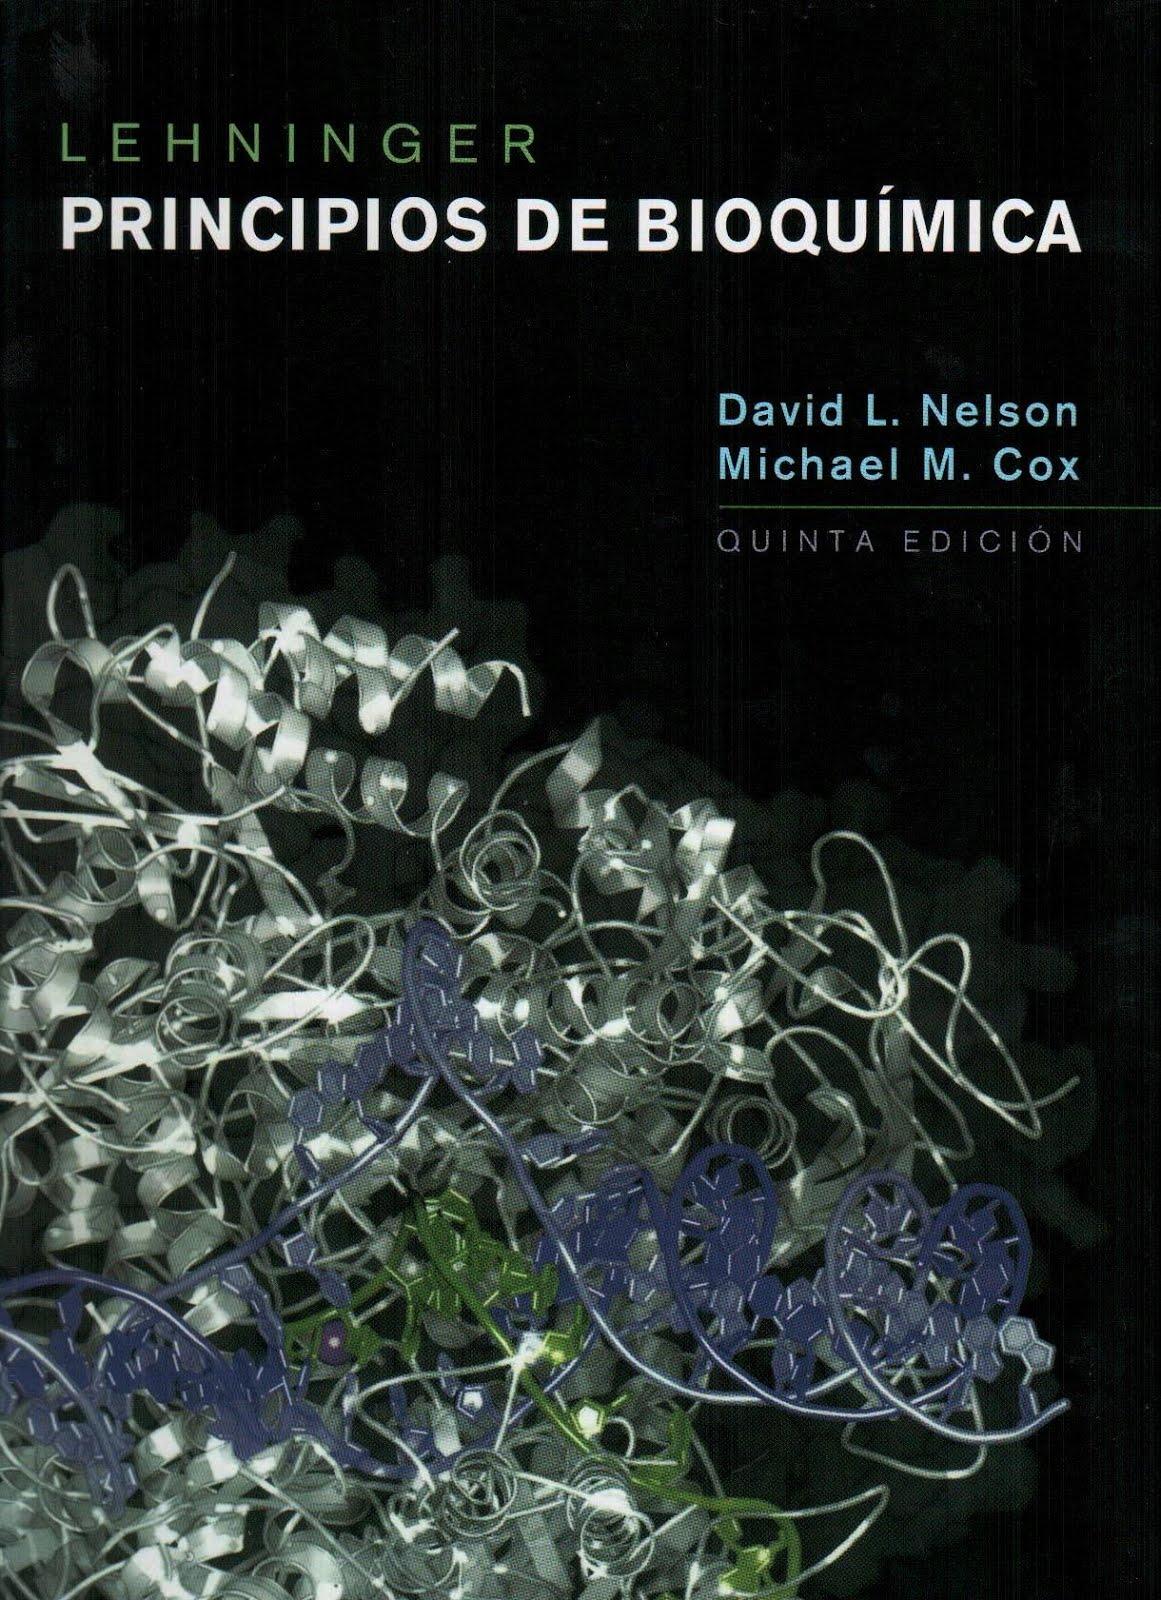 lehninger bioquímica pdf 7 edición descargar gratis